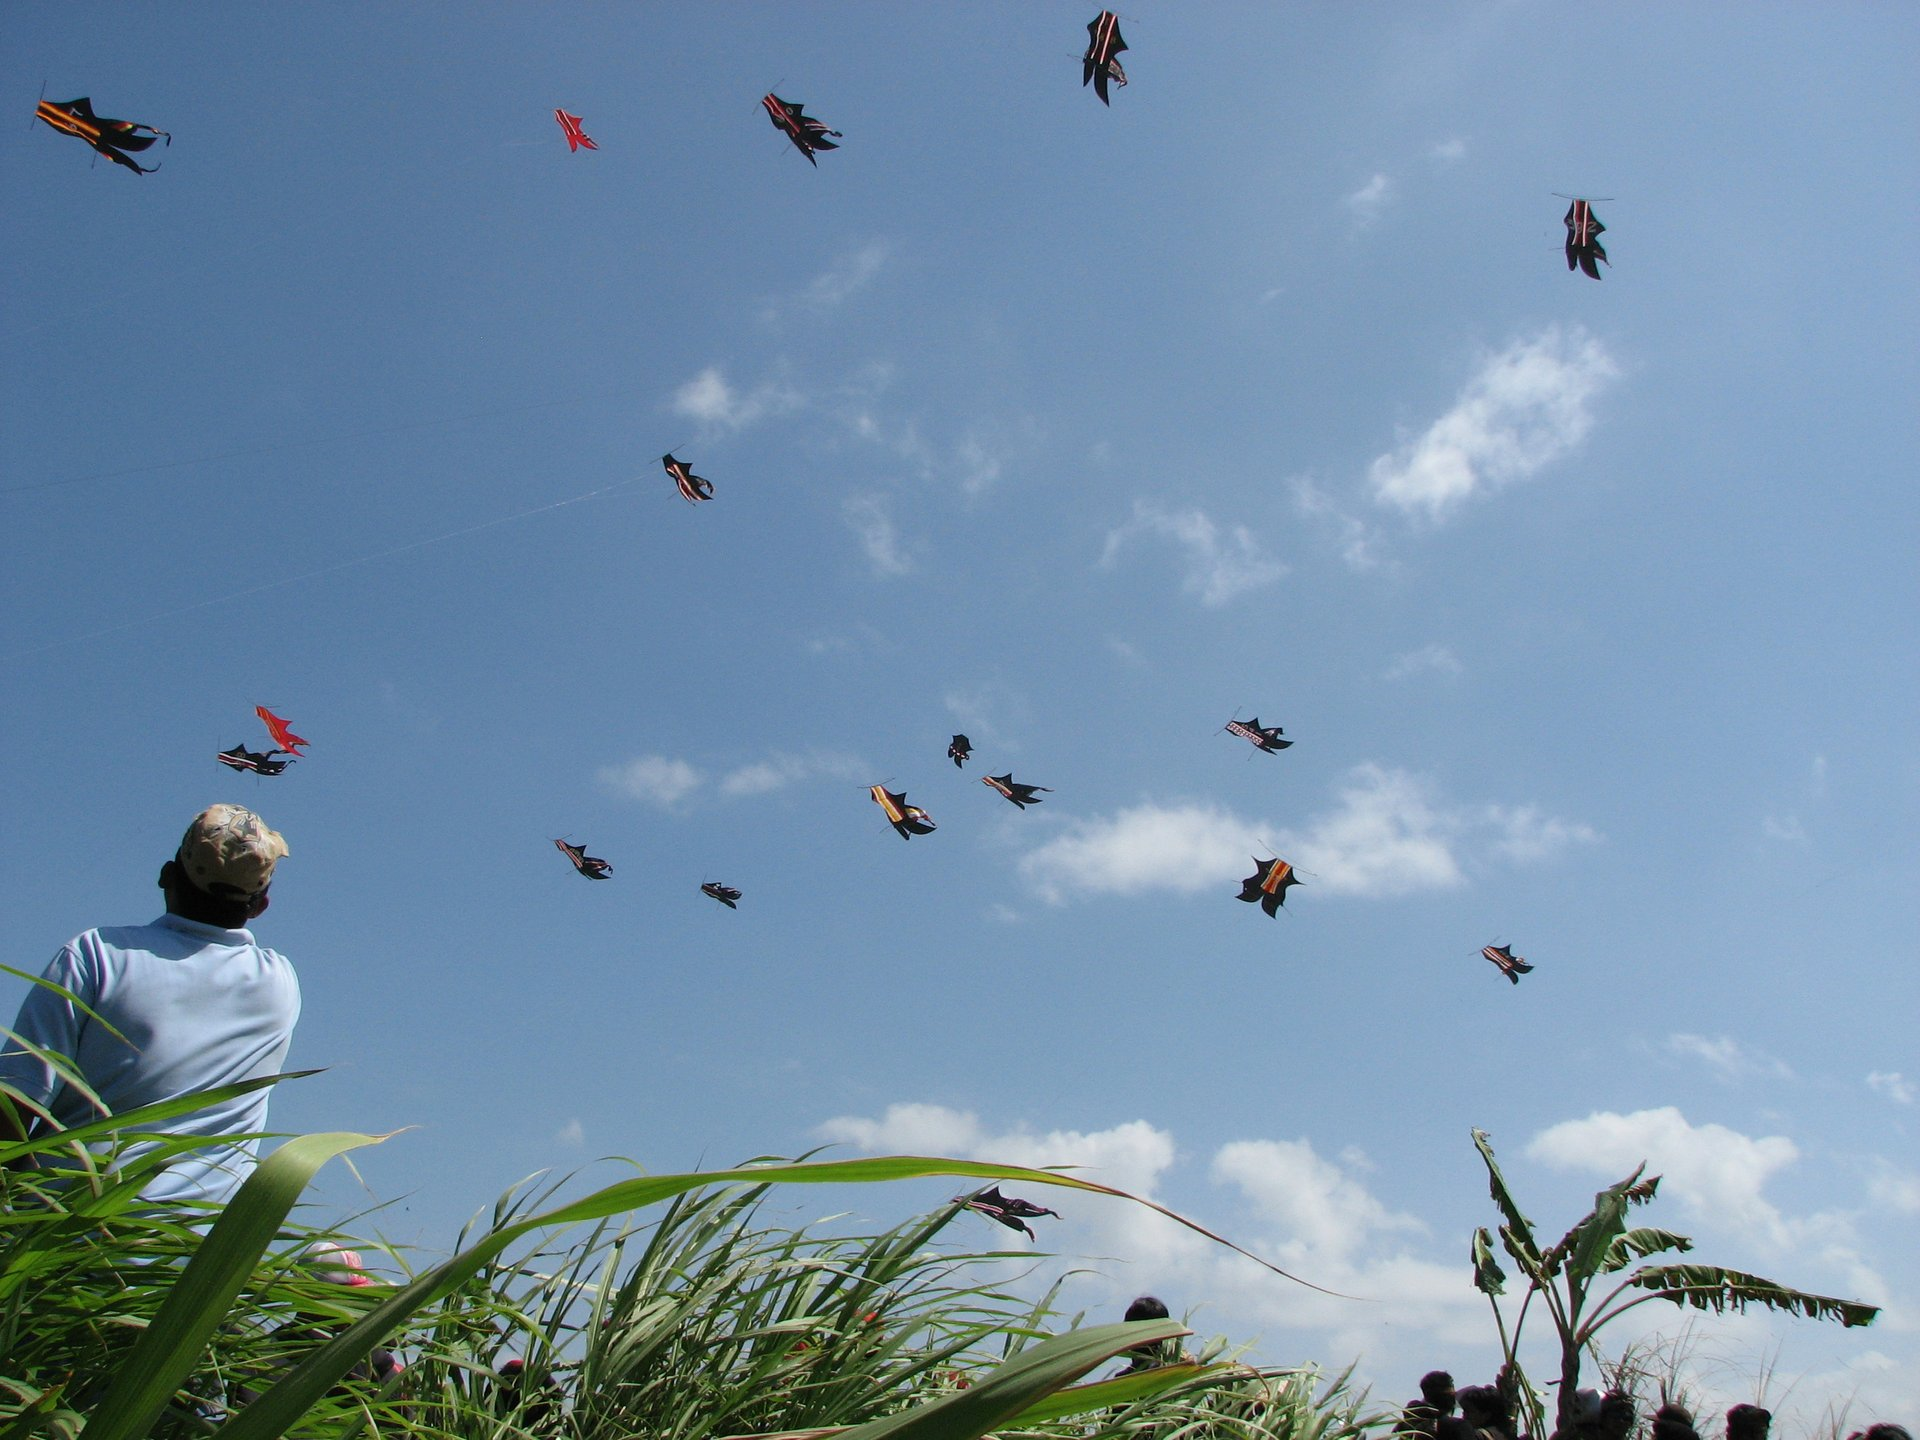 Best time for Bali Kite Festival in Bali